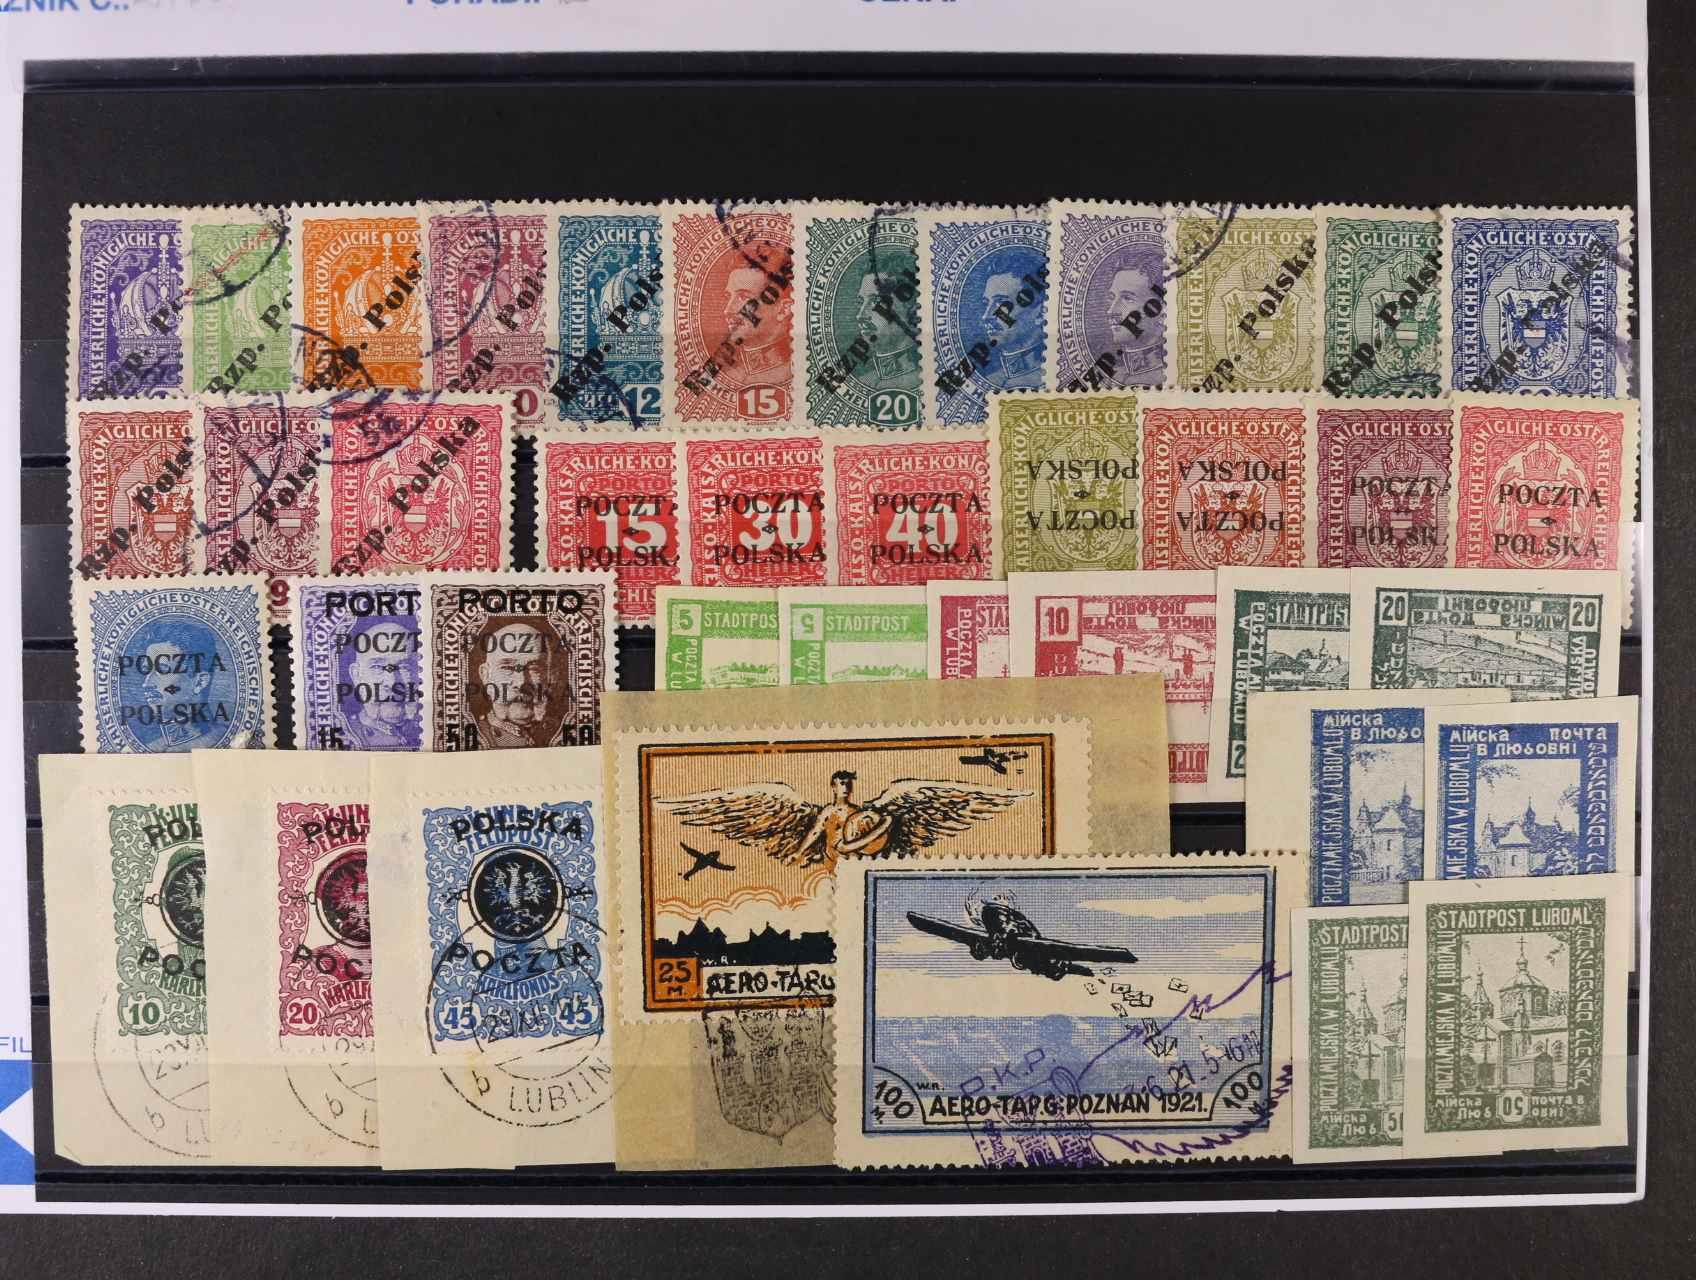 sestava 40 ks zn. lokálních vydání a přetisků POCZTA POLSKA na rakouských známkách, převrácené přetisky, obrácené středy